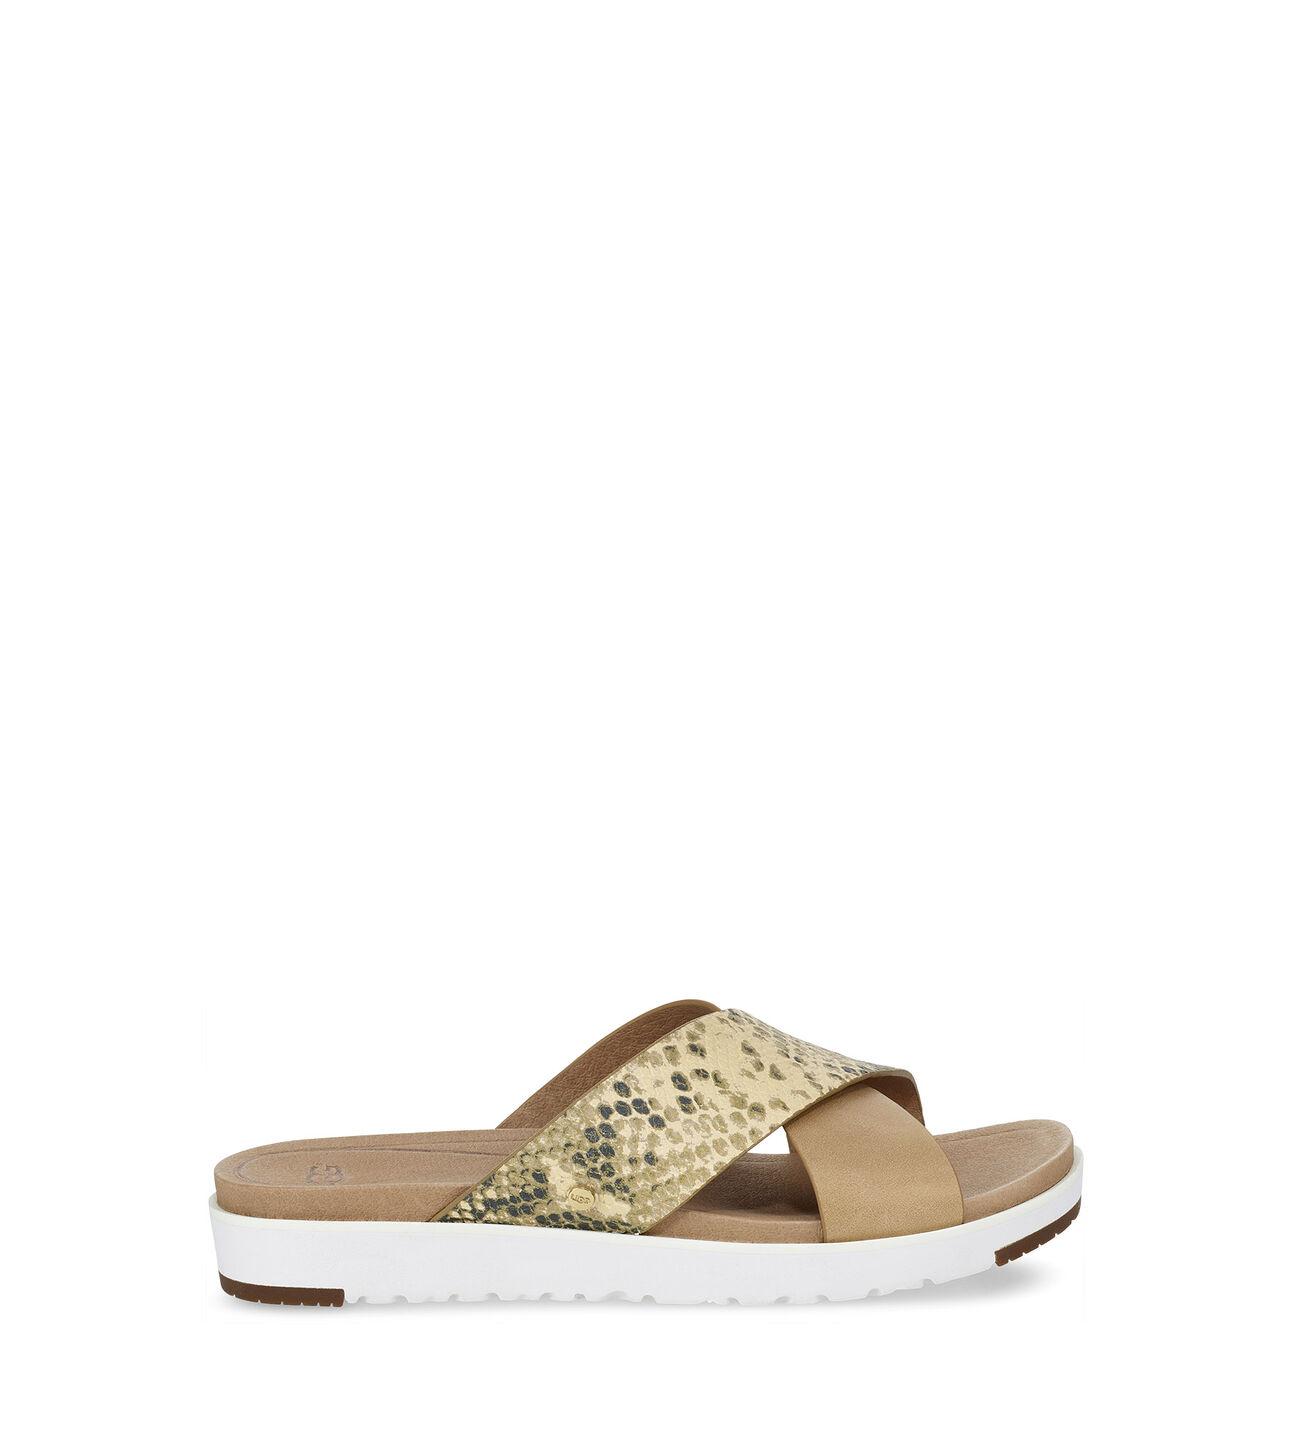 1b035bedf67 Kari Exotic Sandal